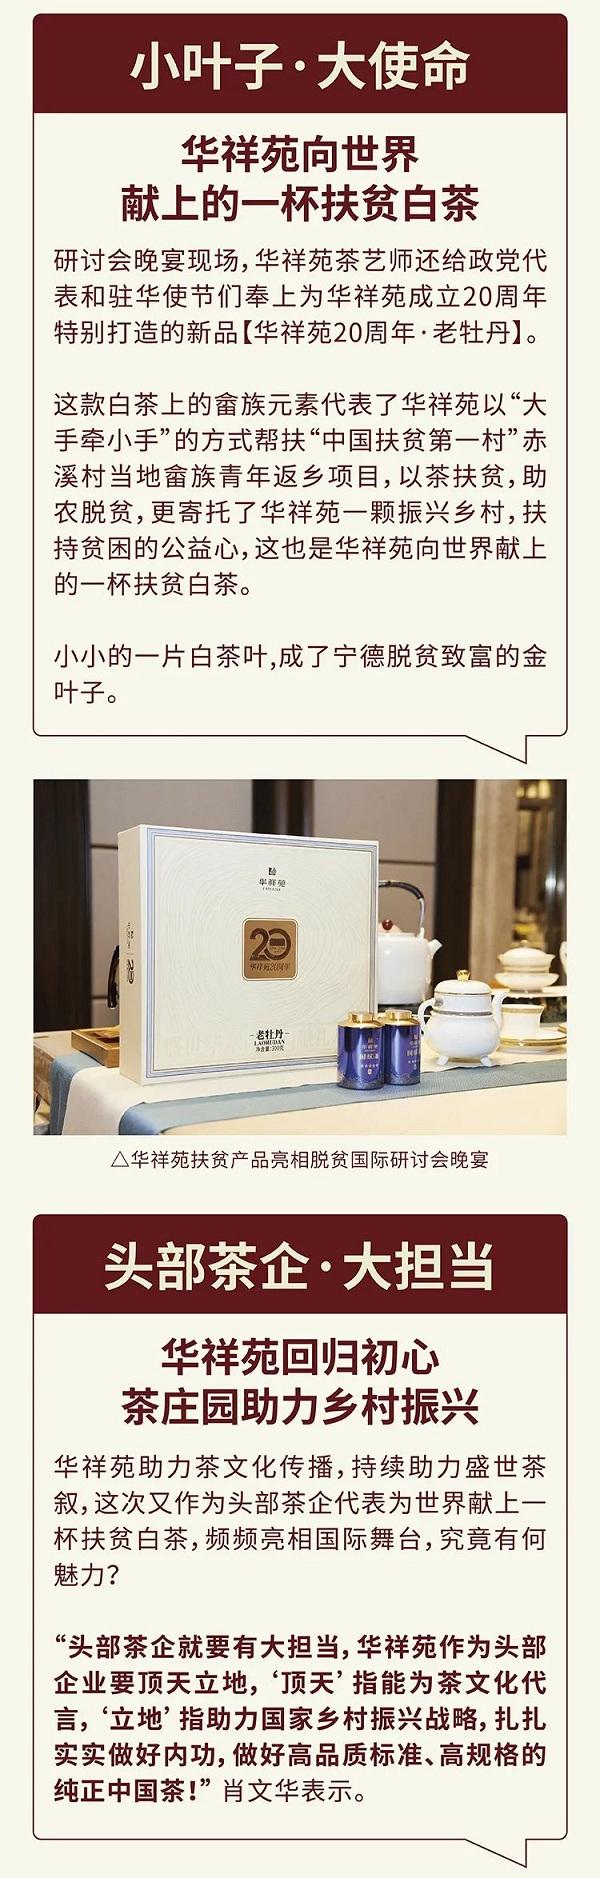 小叶子·大使命 | 华祥苑向世界献上一杯扶贫白茶!